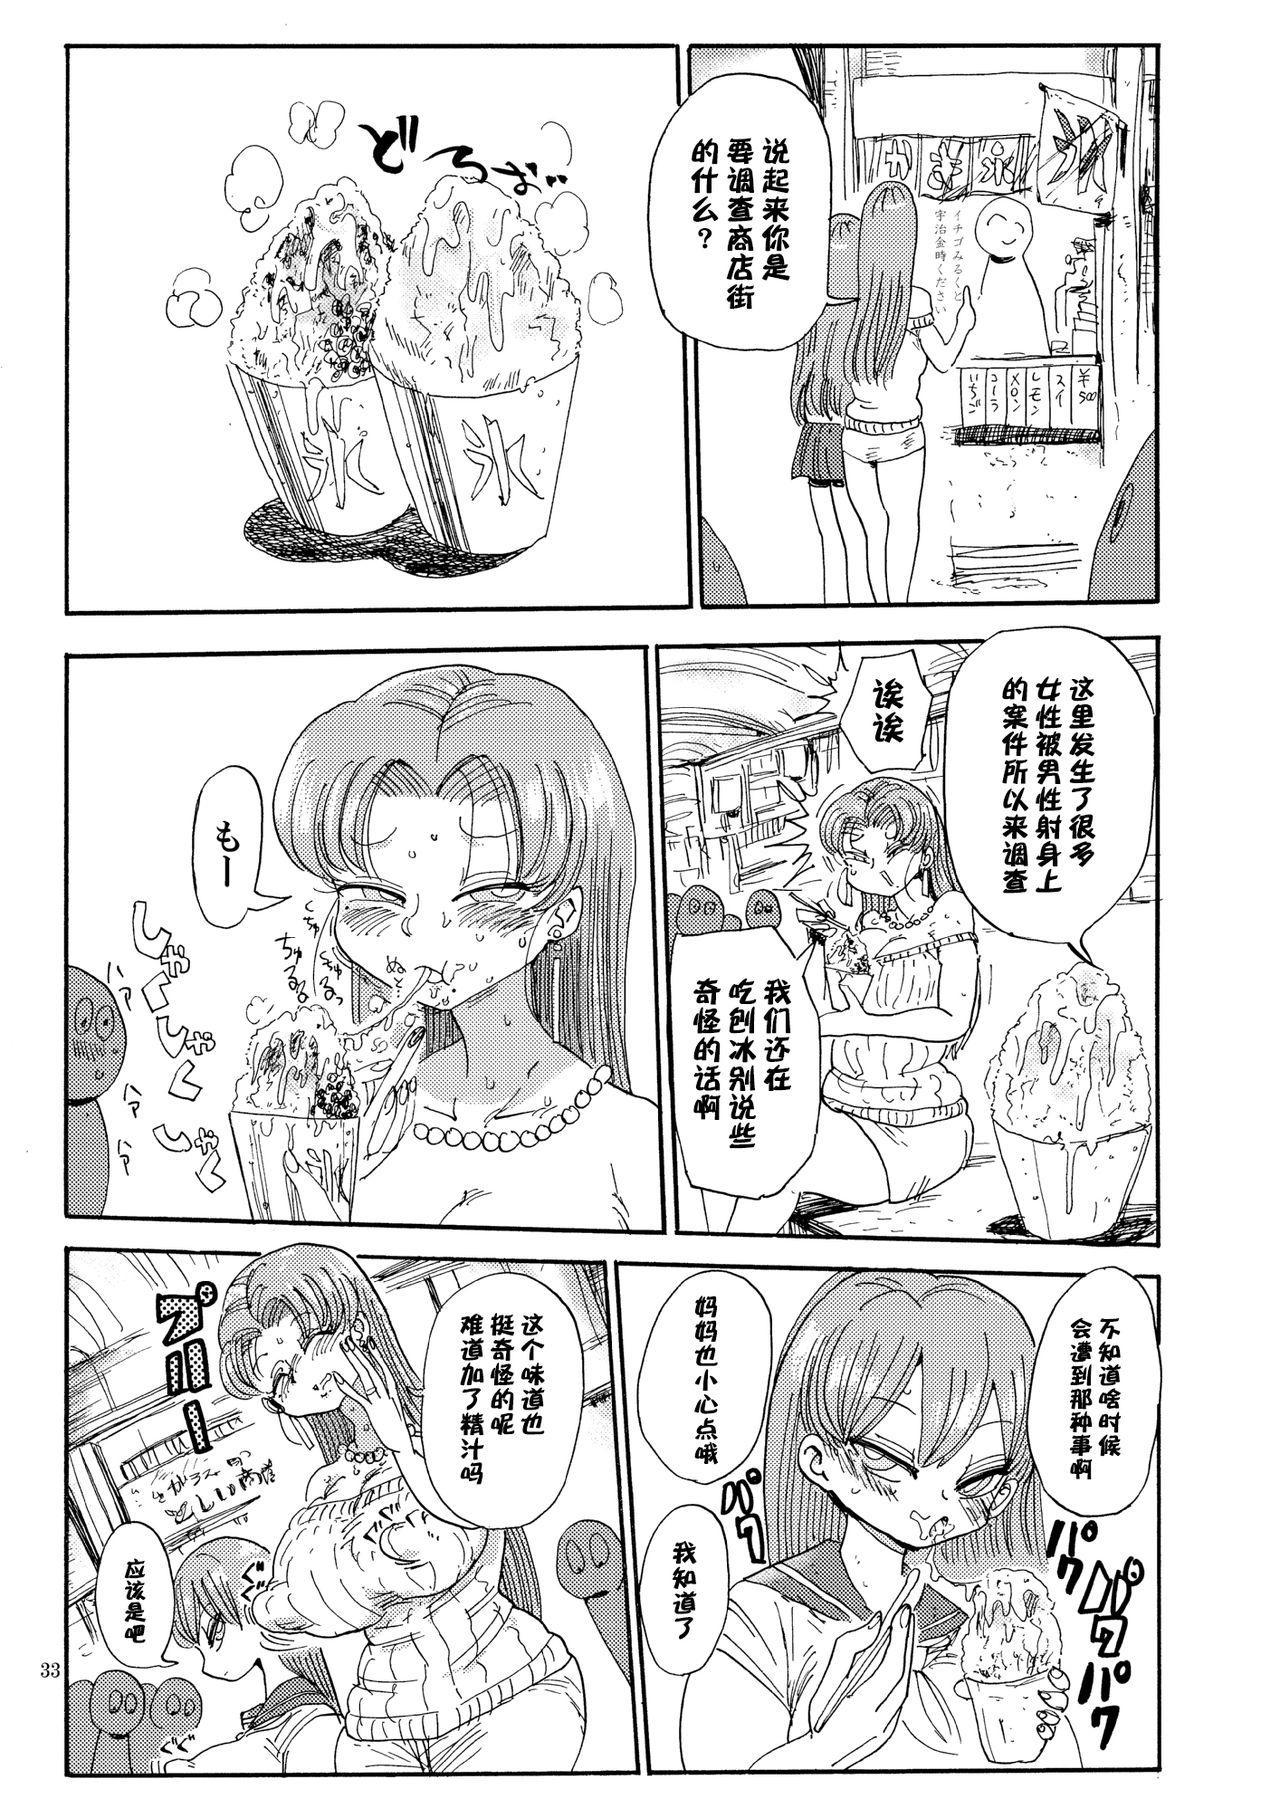 Nandemo Chousa Shoujo no Doujinshi ga Deta? Wakarimashita Chousa Shimasu 32